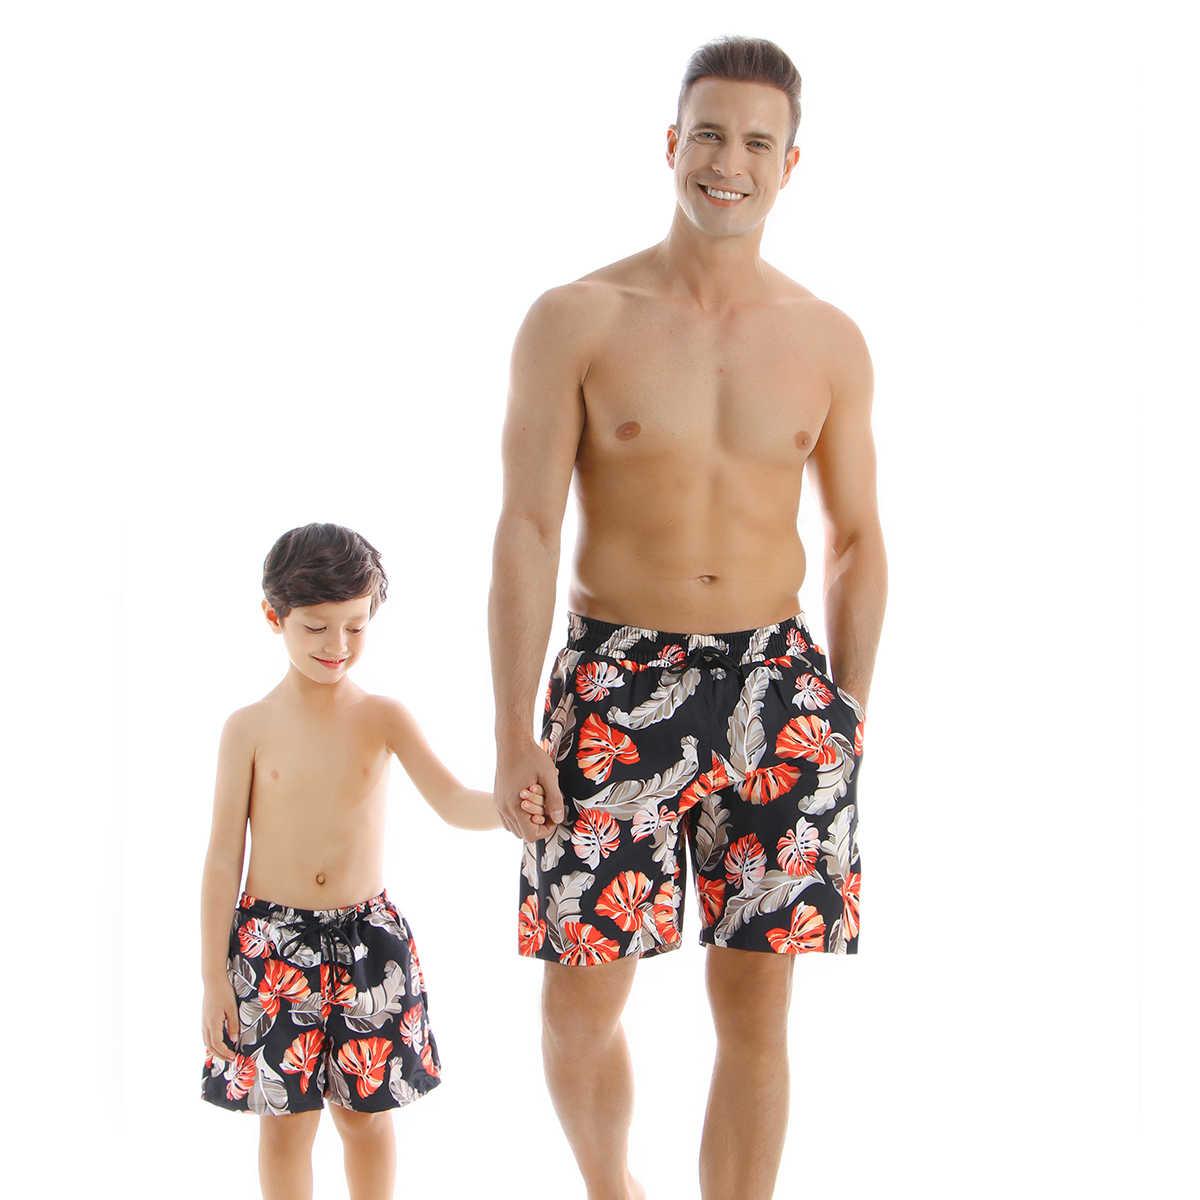 Fiore Costume Da Bagno di Famiglia Vestiti di Corrispondenza Sguardo Madre Figlia Costumi Da Bagno Mommy and Me Bikini Vestiti Padre Figlio Costume Da Bagno Abiti